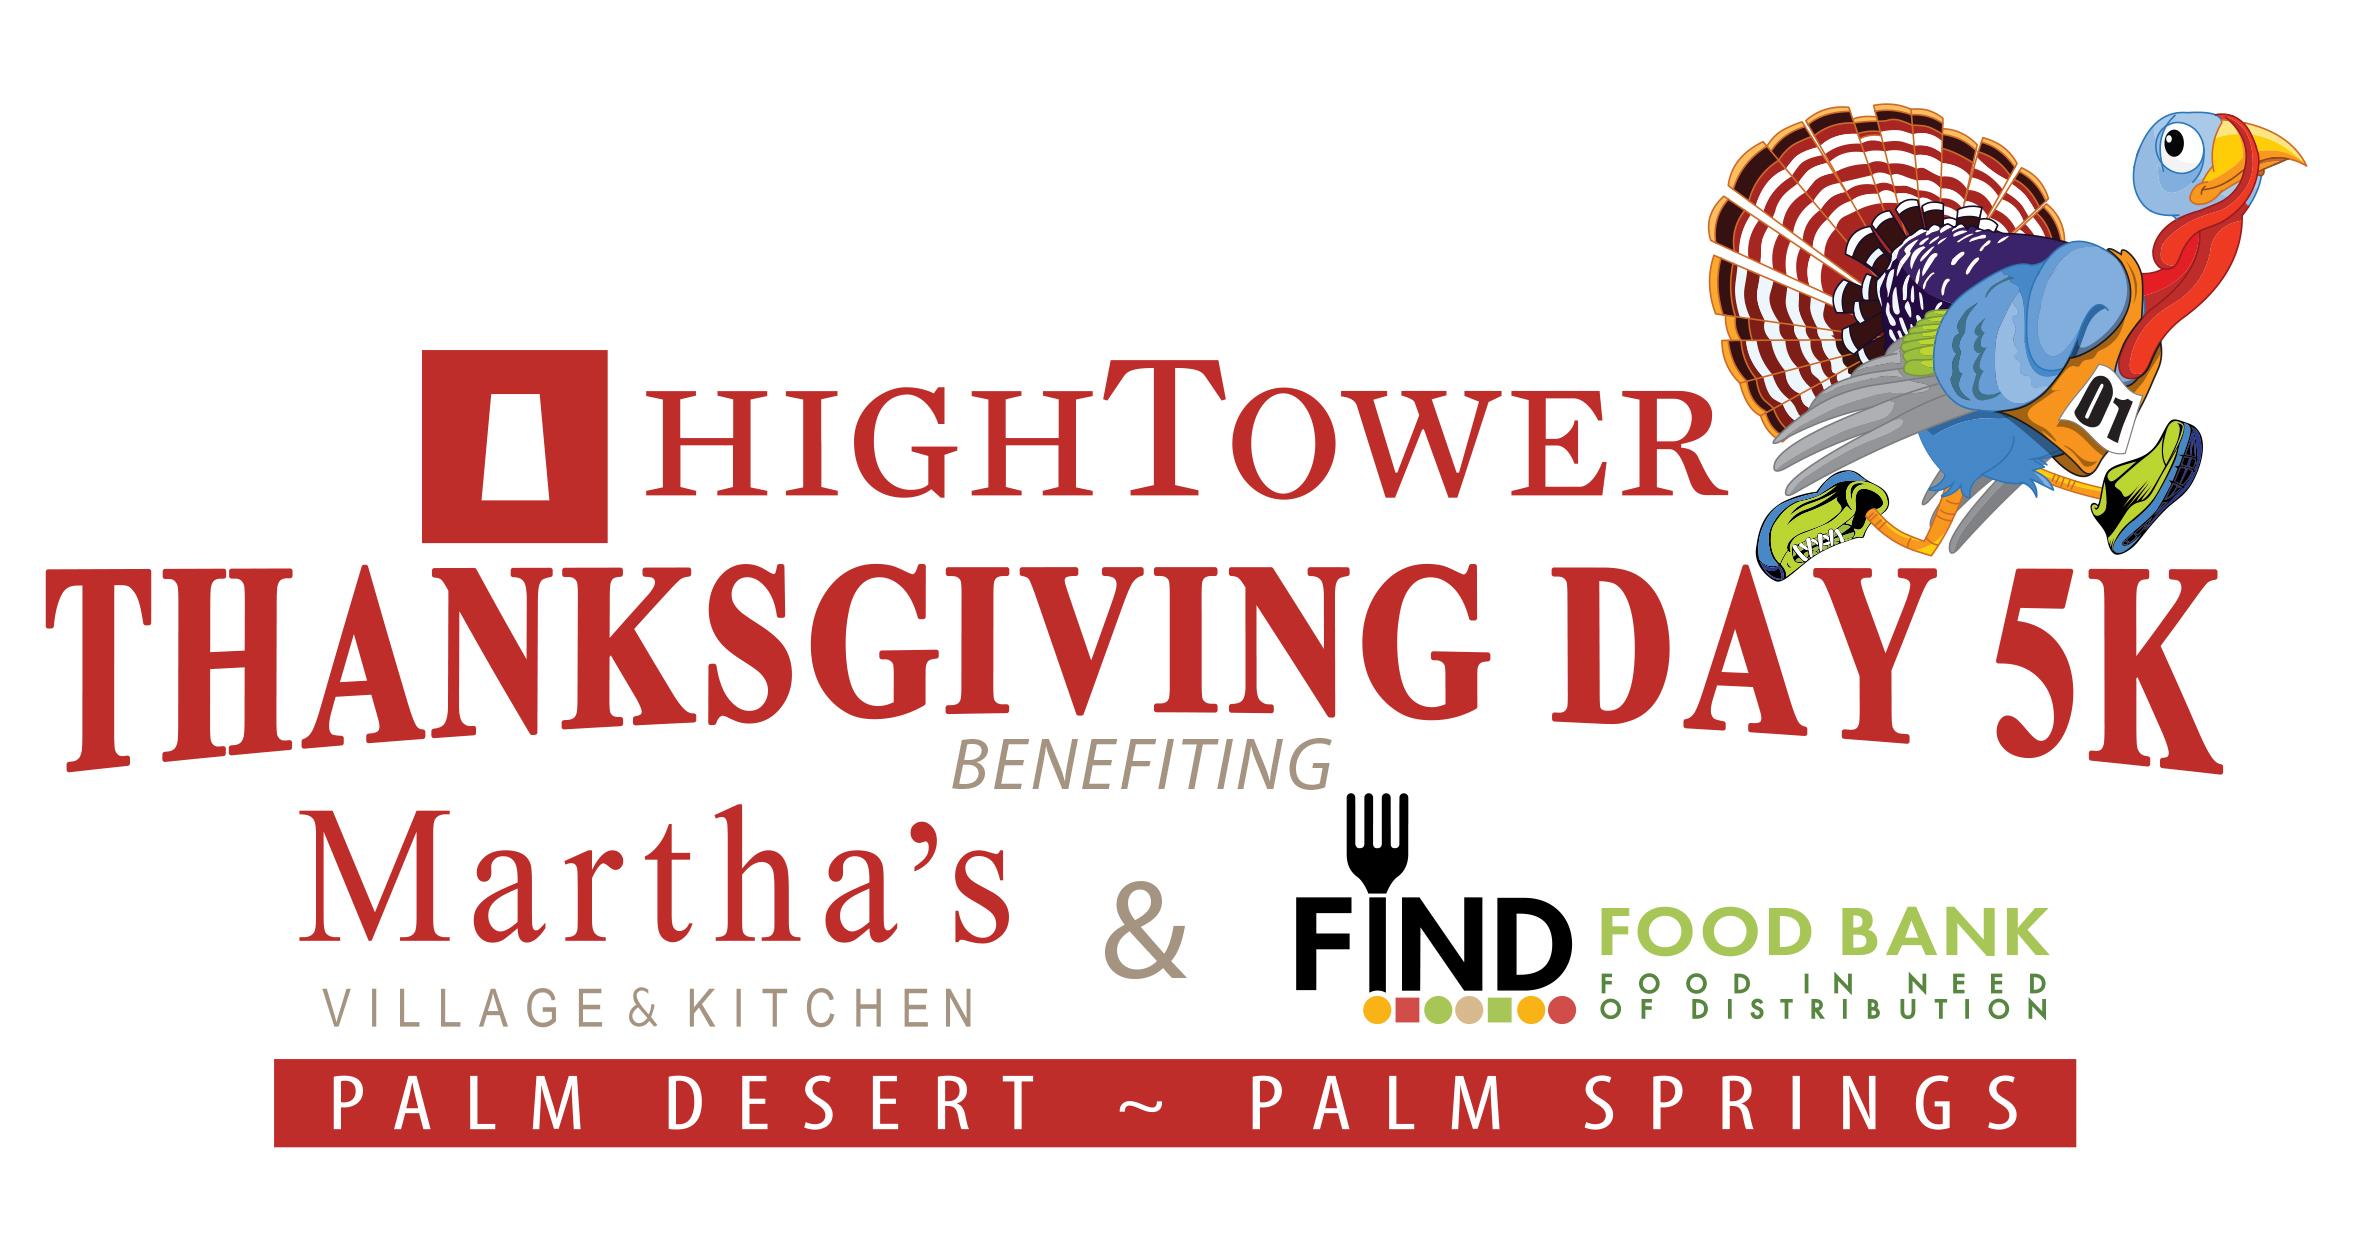 Martha\'s Village & Kitchen Thanksgiving Day 5K - Palm Desert, CA ...